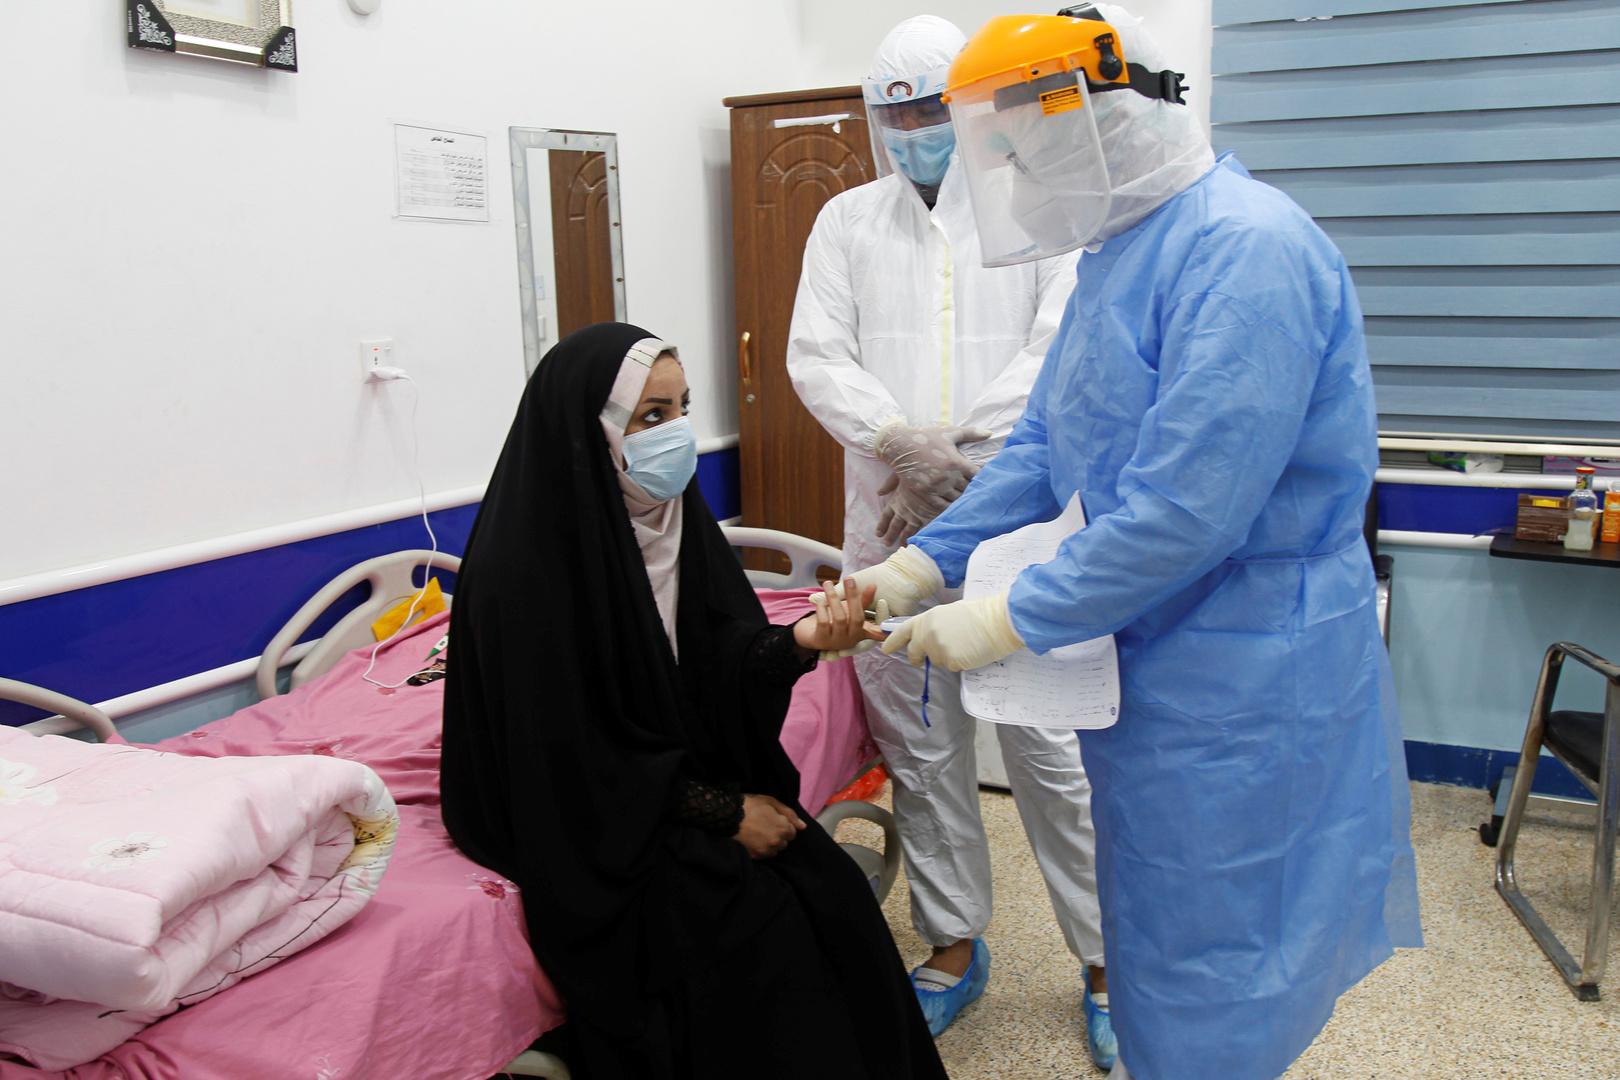 العراق يسجل 110 وفيات و2184 إصابة بفيروس كورونا خلال 24 ساعة